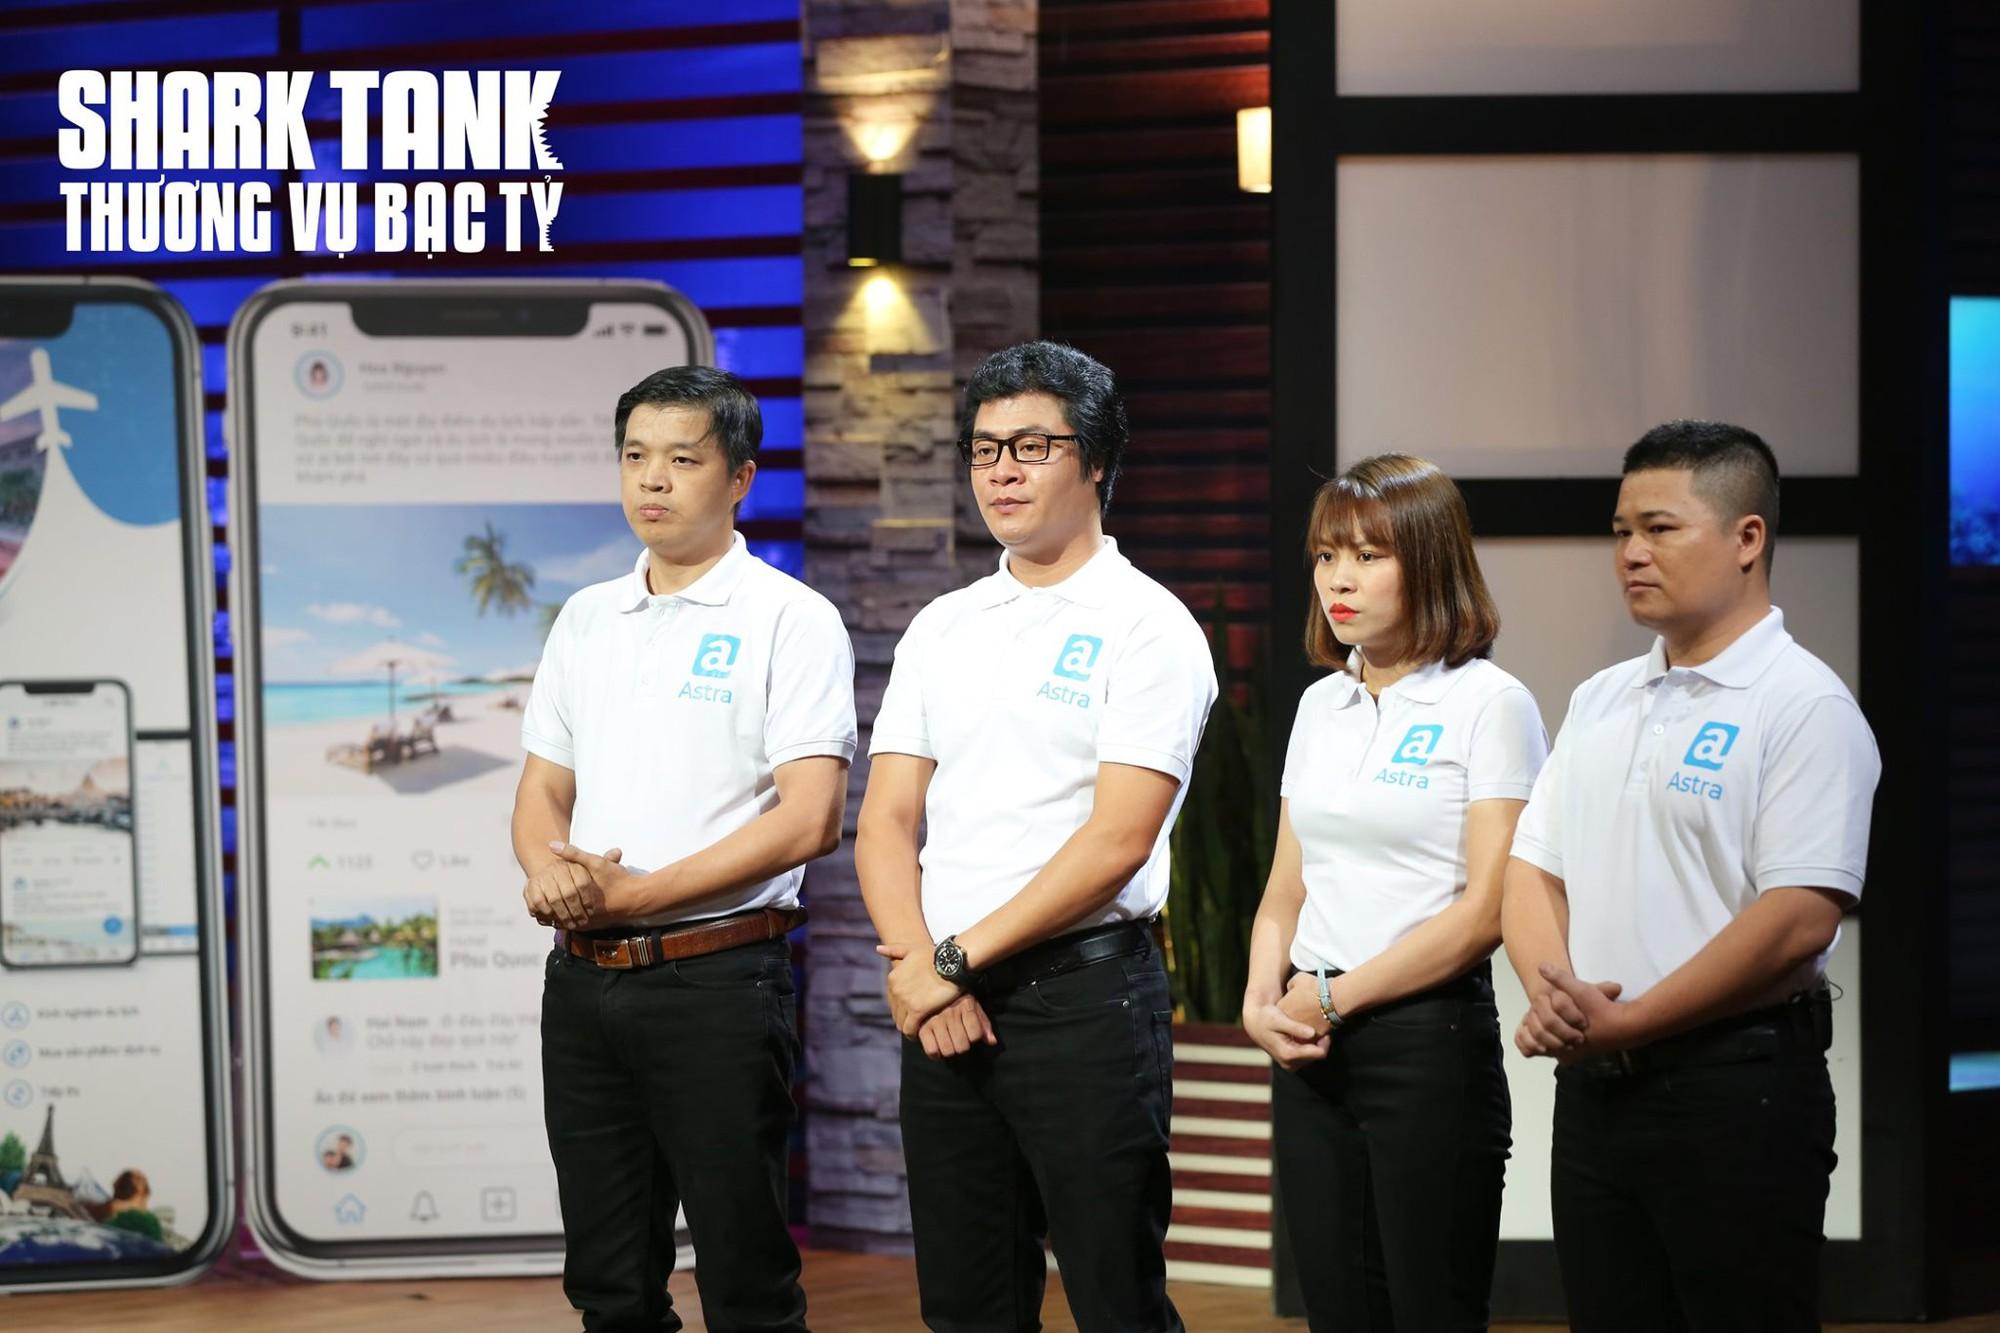 Không người dùng, mạng xã hội du lịch vẫn gọi vốn thành công 1 triệu USD trên Shark Tank Việt Nam - Ảnh 2.